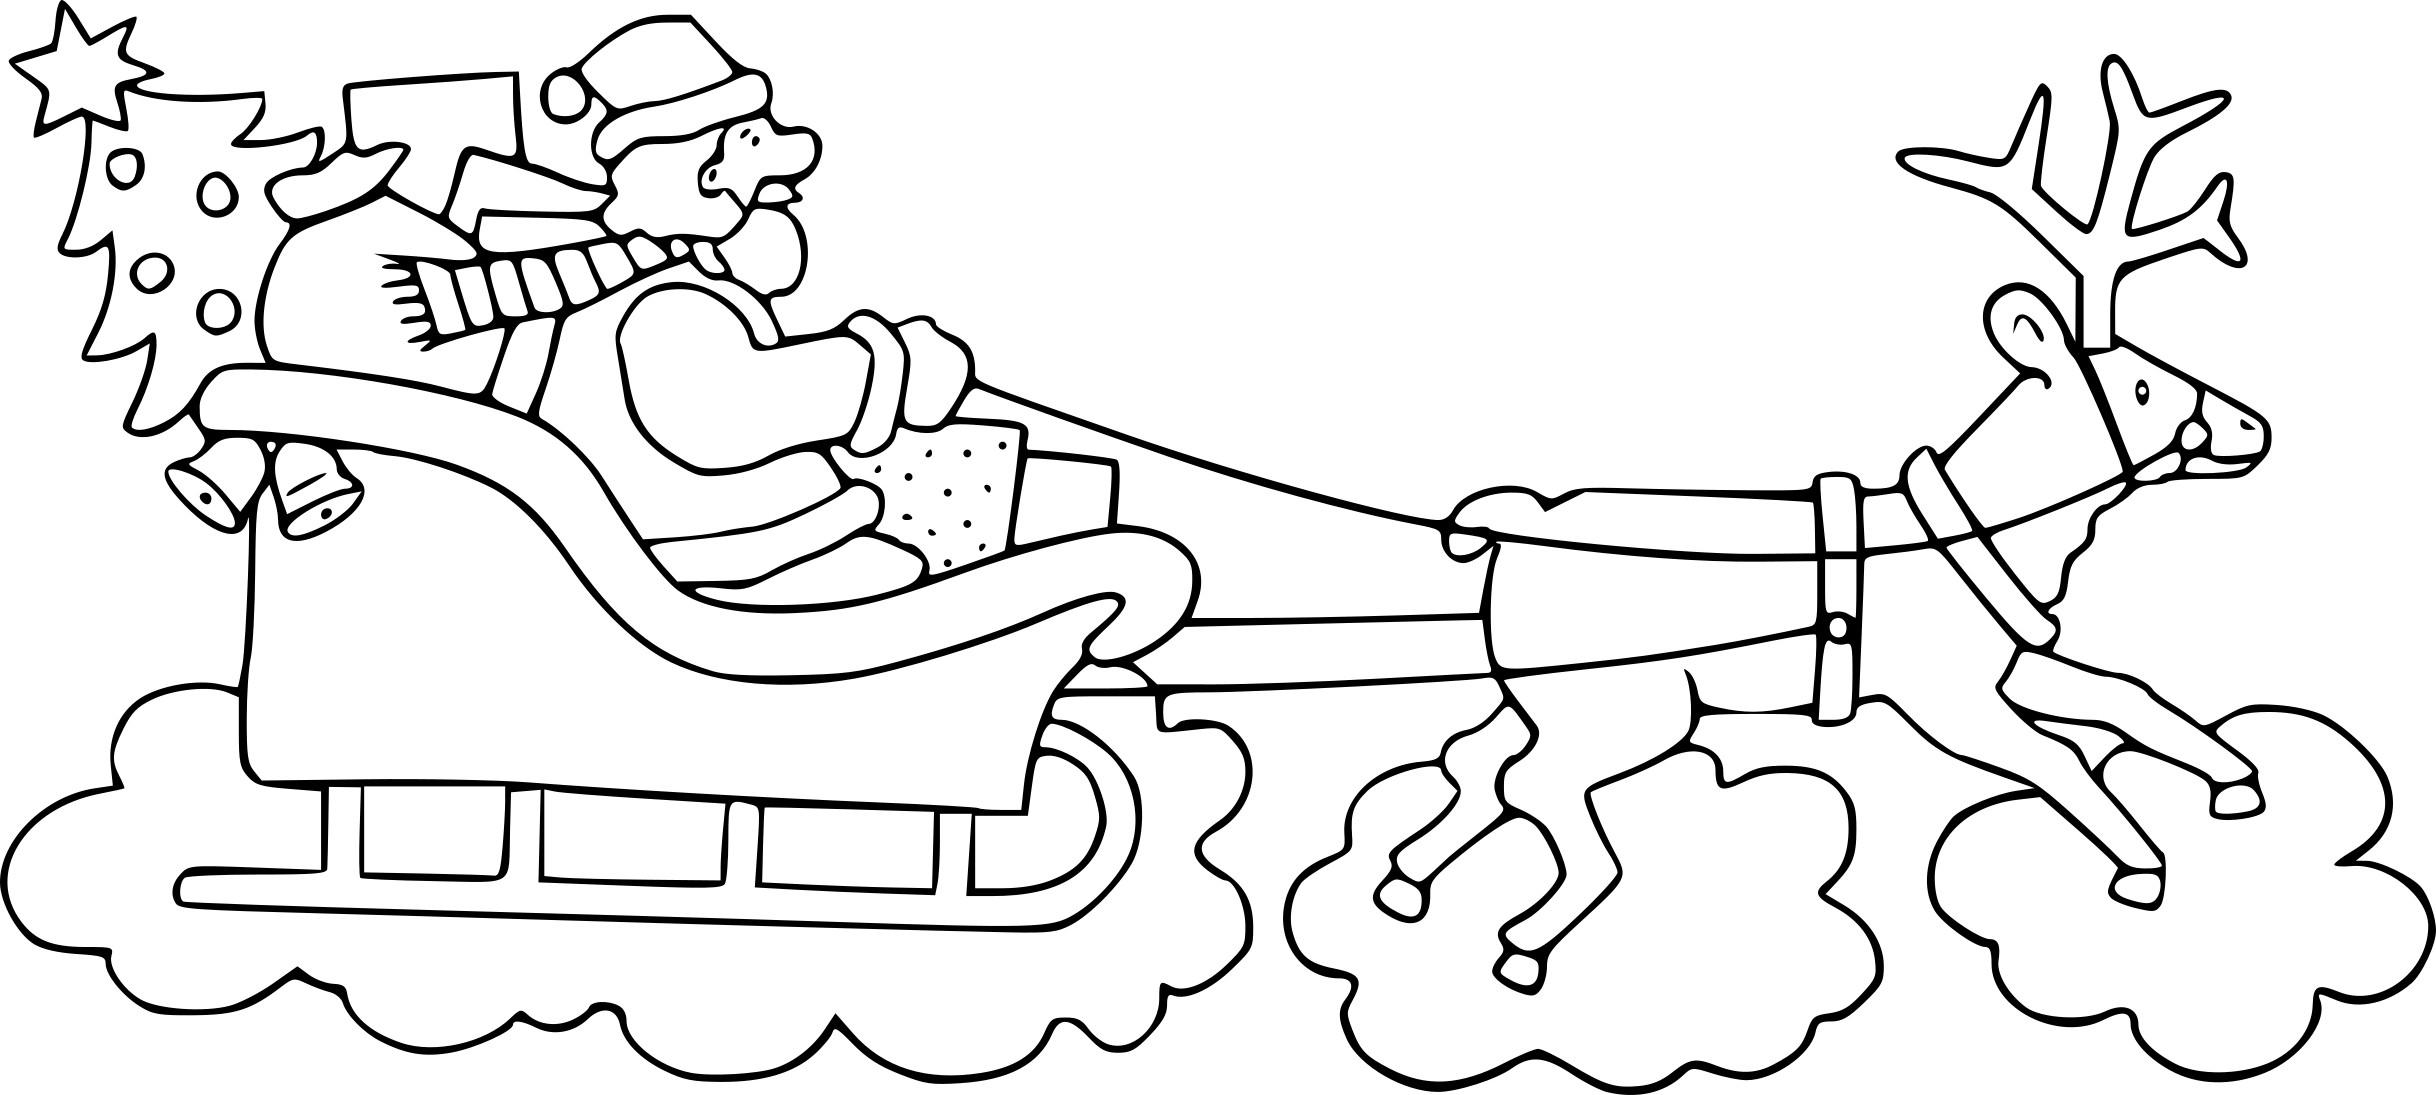 Coloriage Traîneau Du Père Noel À Imprimer à Dessin A Imprimer Pere Noel Gratuit